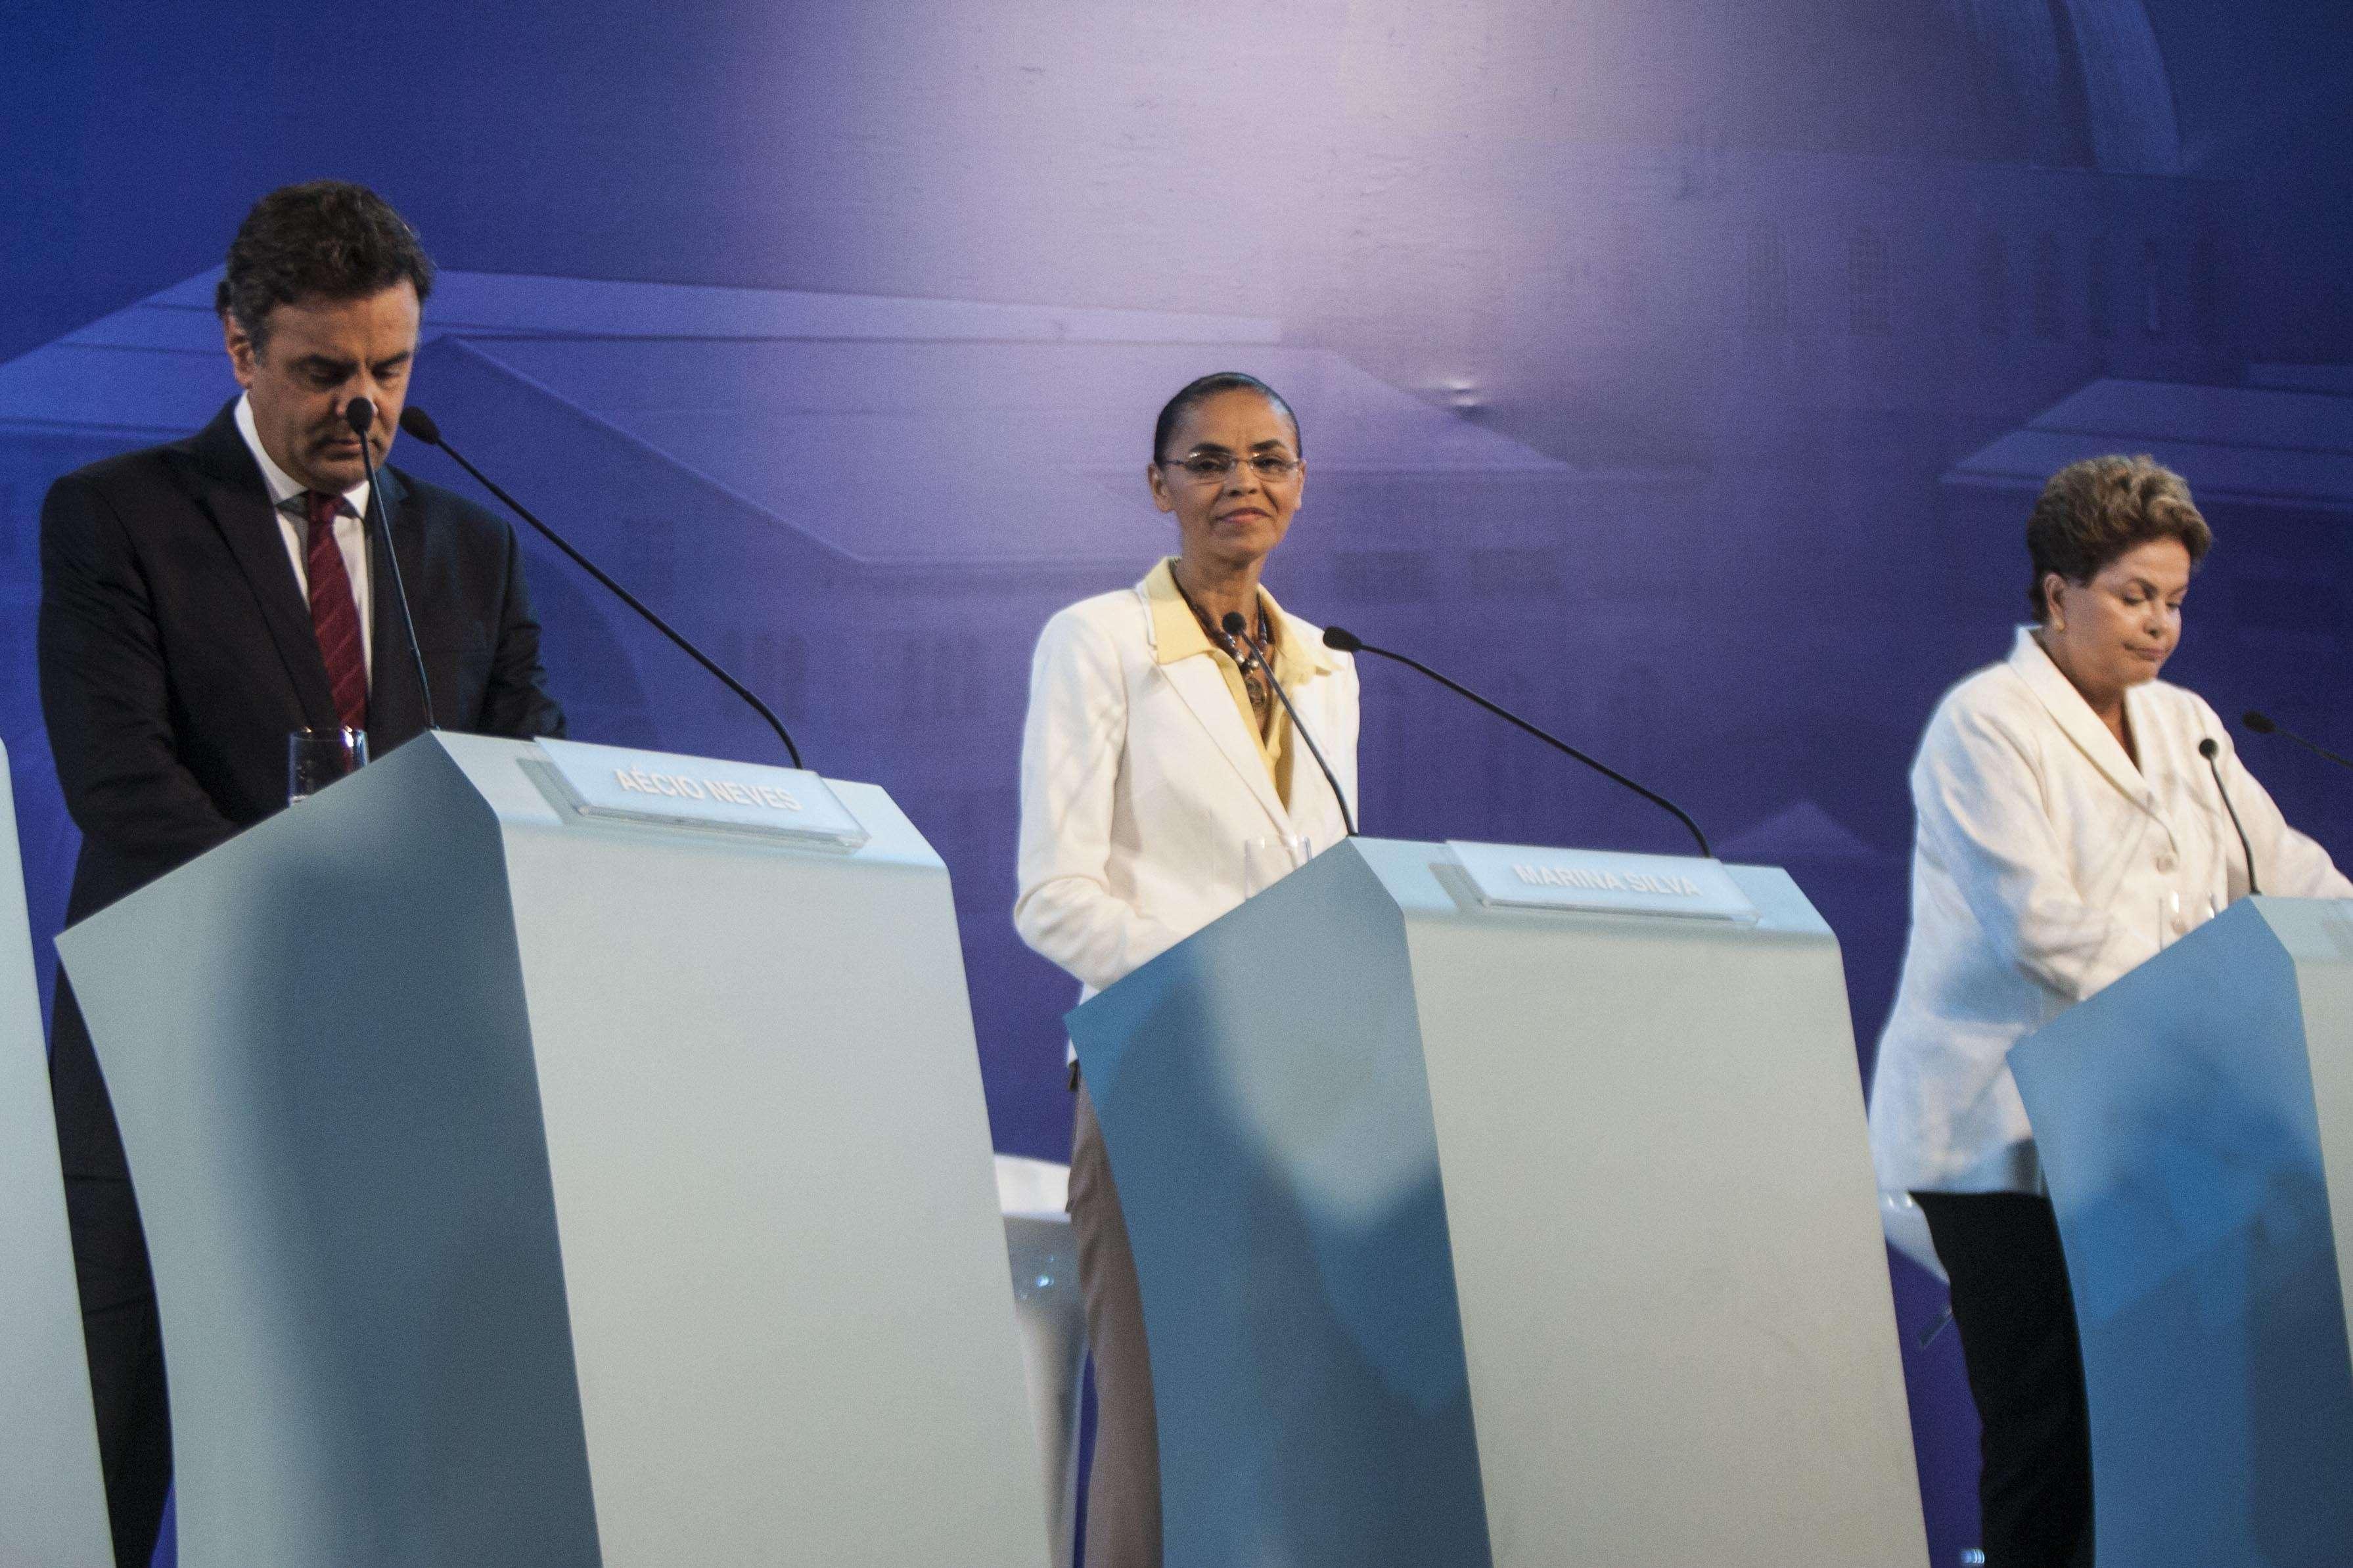 Dilma, Marina e Aécio se livraram de temas polêmicos durante o debate Foto: Vagner Campos/MSilva Online